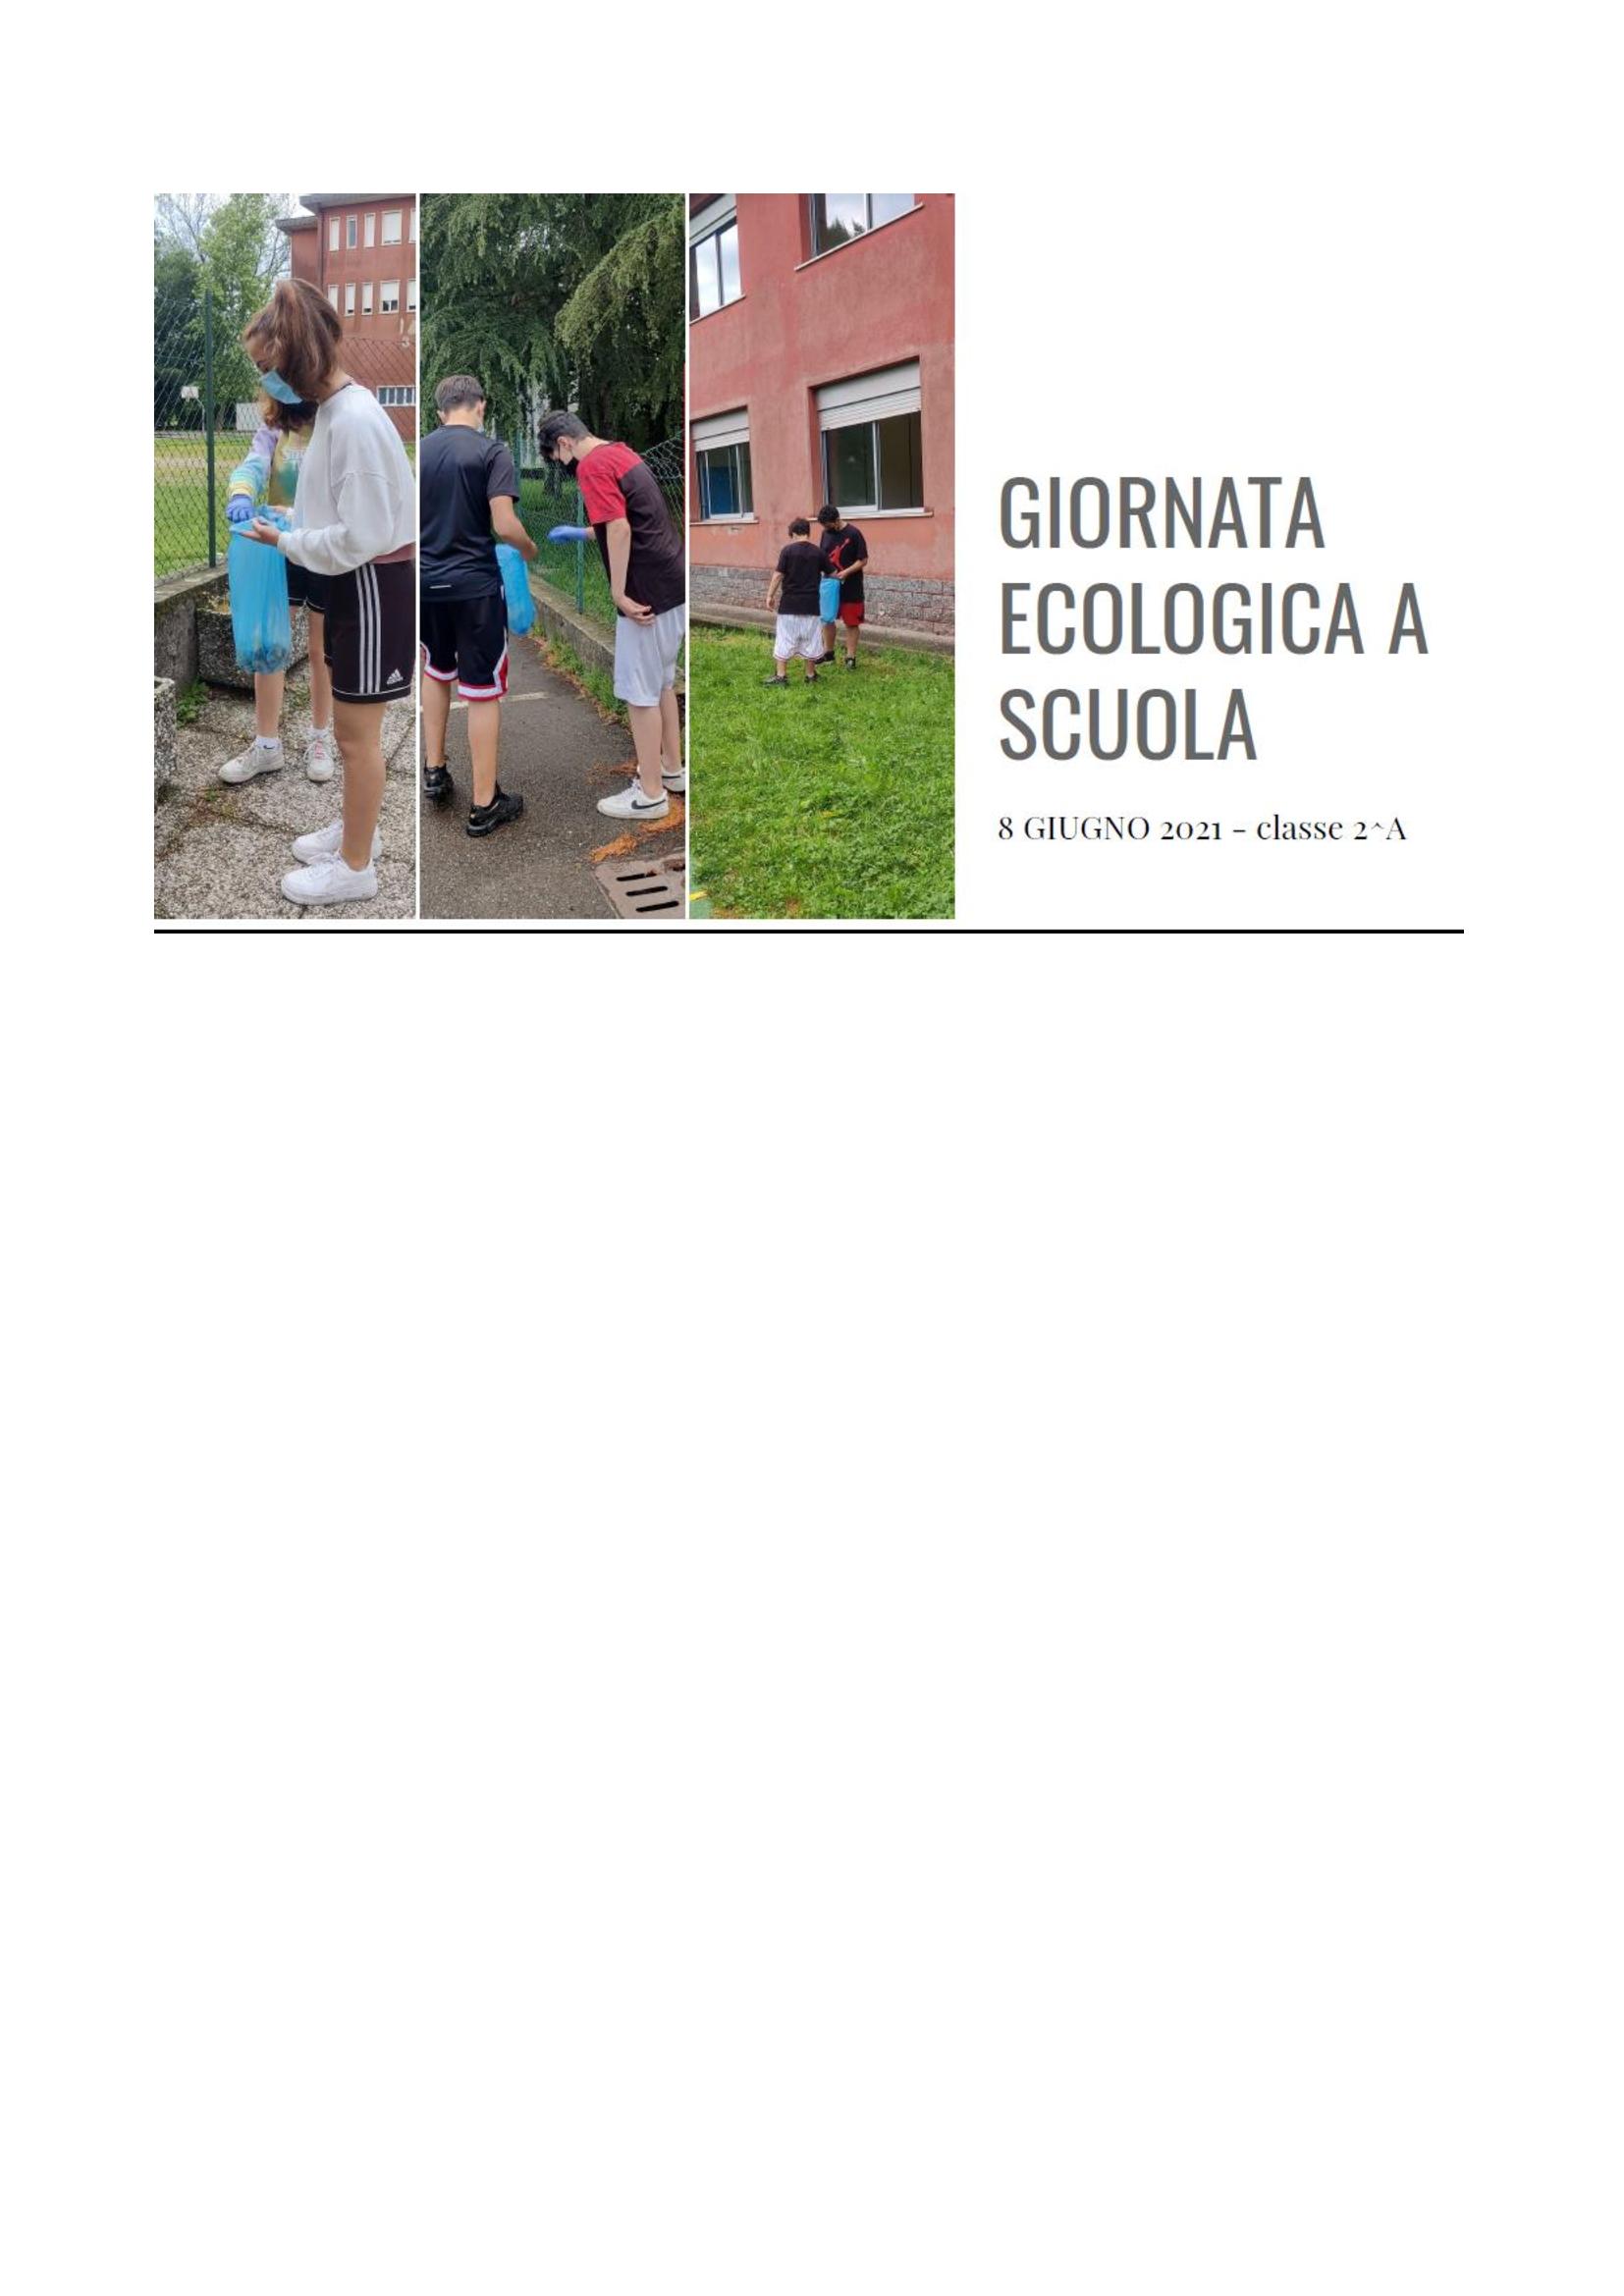 GIORNATA ECOLOGICA A SCUOLA